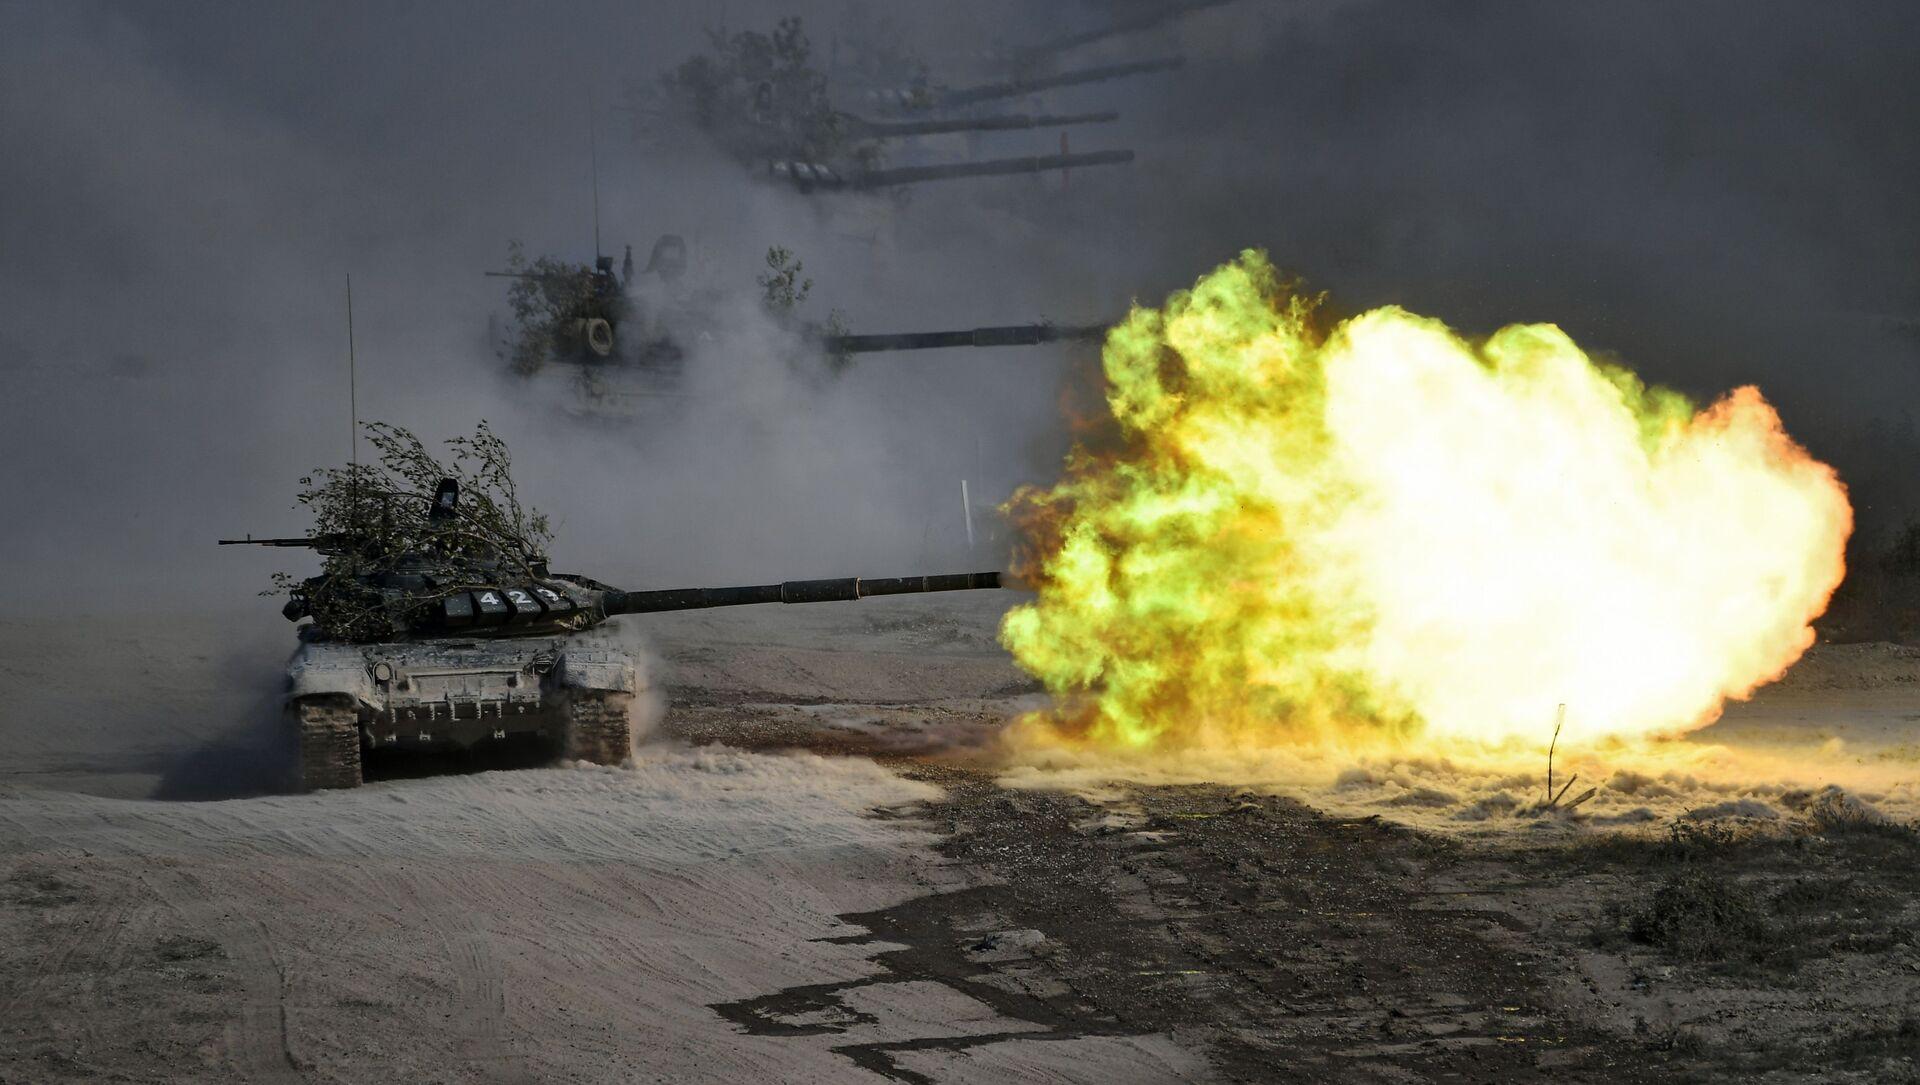 Tanky T-72 během cvičení Kavkaz 2020 - Sputnik Česká republika, 1920, 14.03.2021